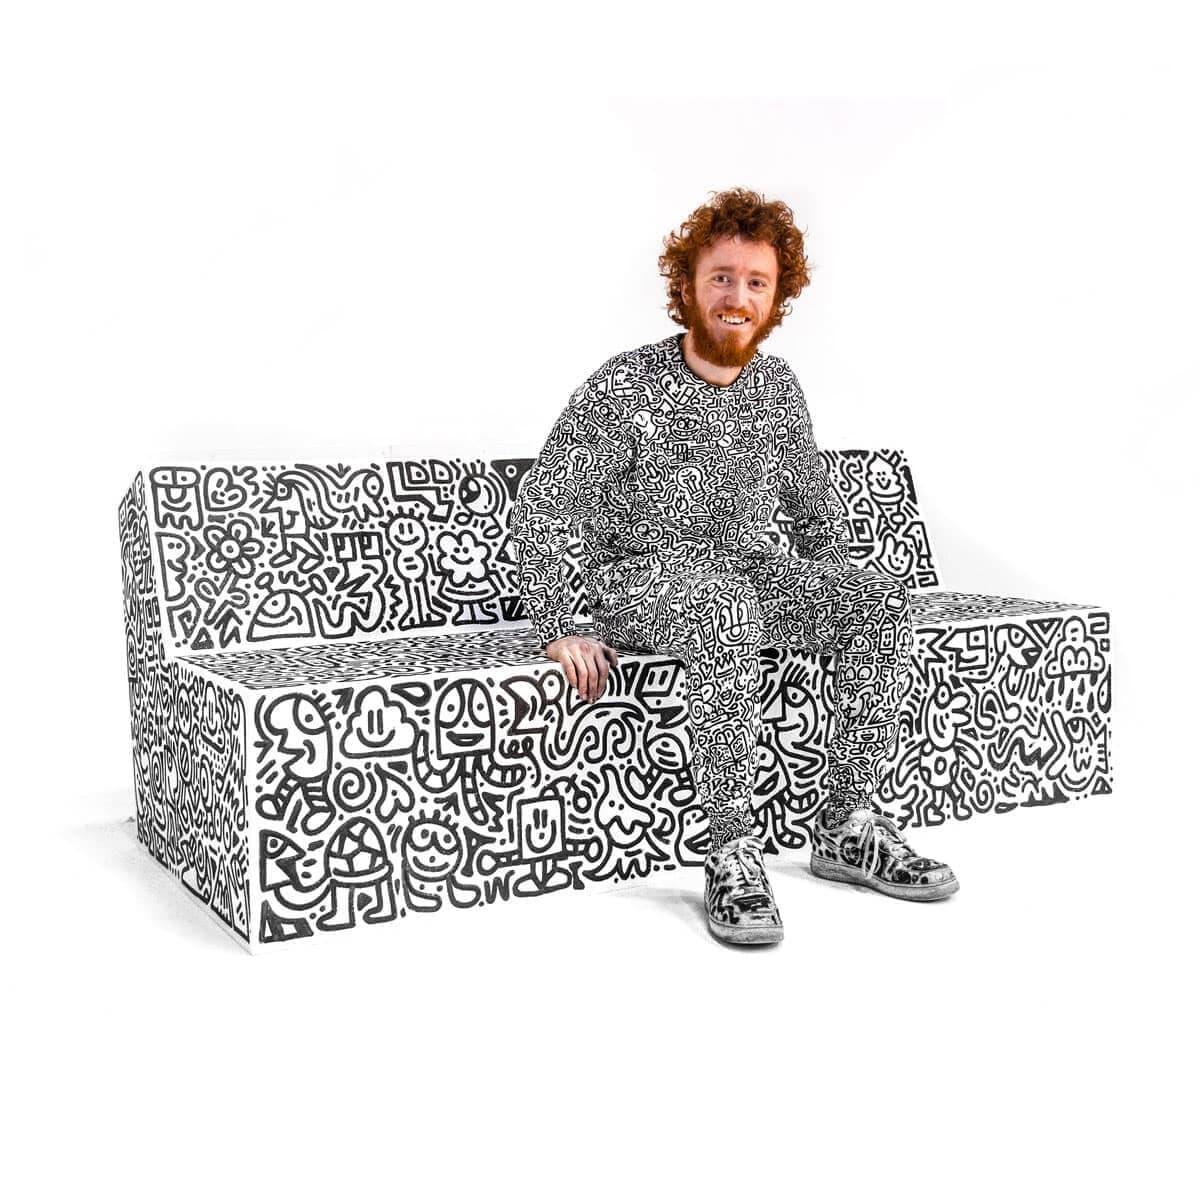 mr-doodle-sits-on-block-slab-bench